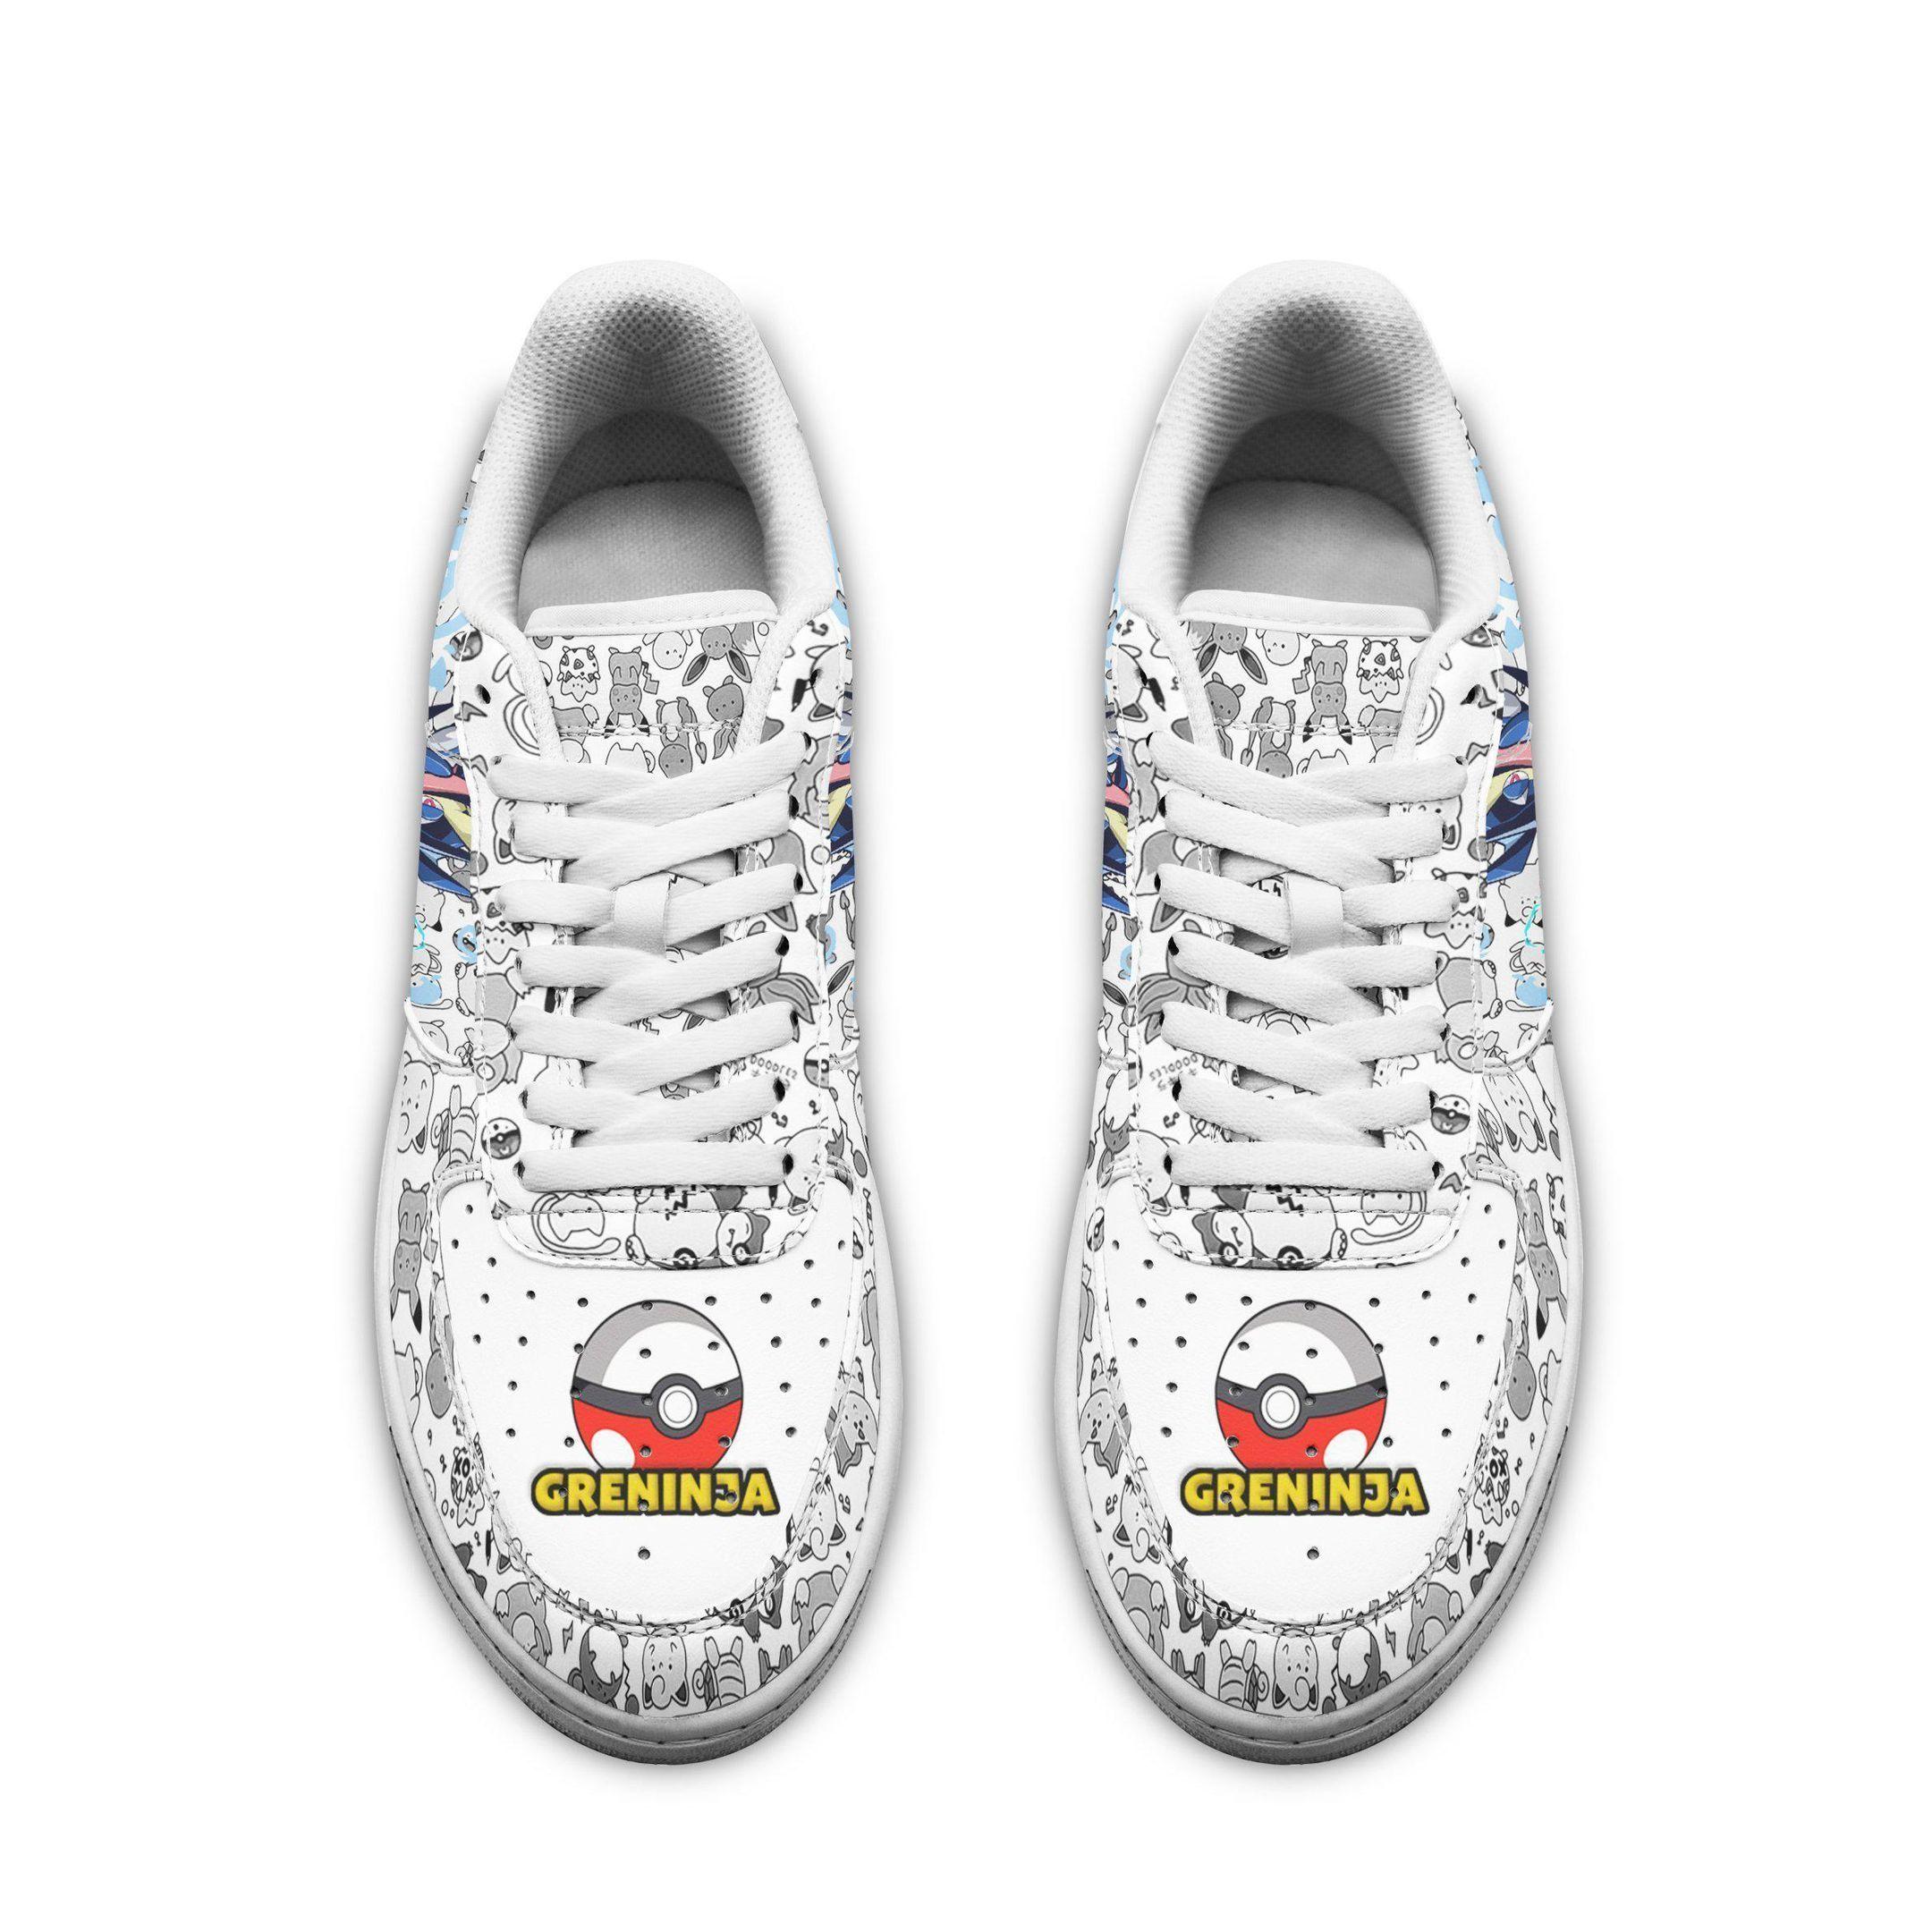 Greninja Air Shoes Pokemon Shoes Fan Gift Idea GO1012